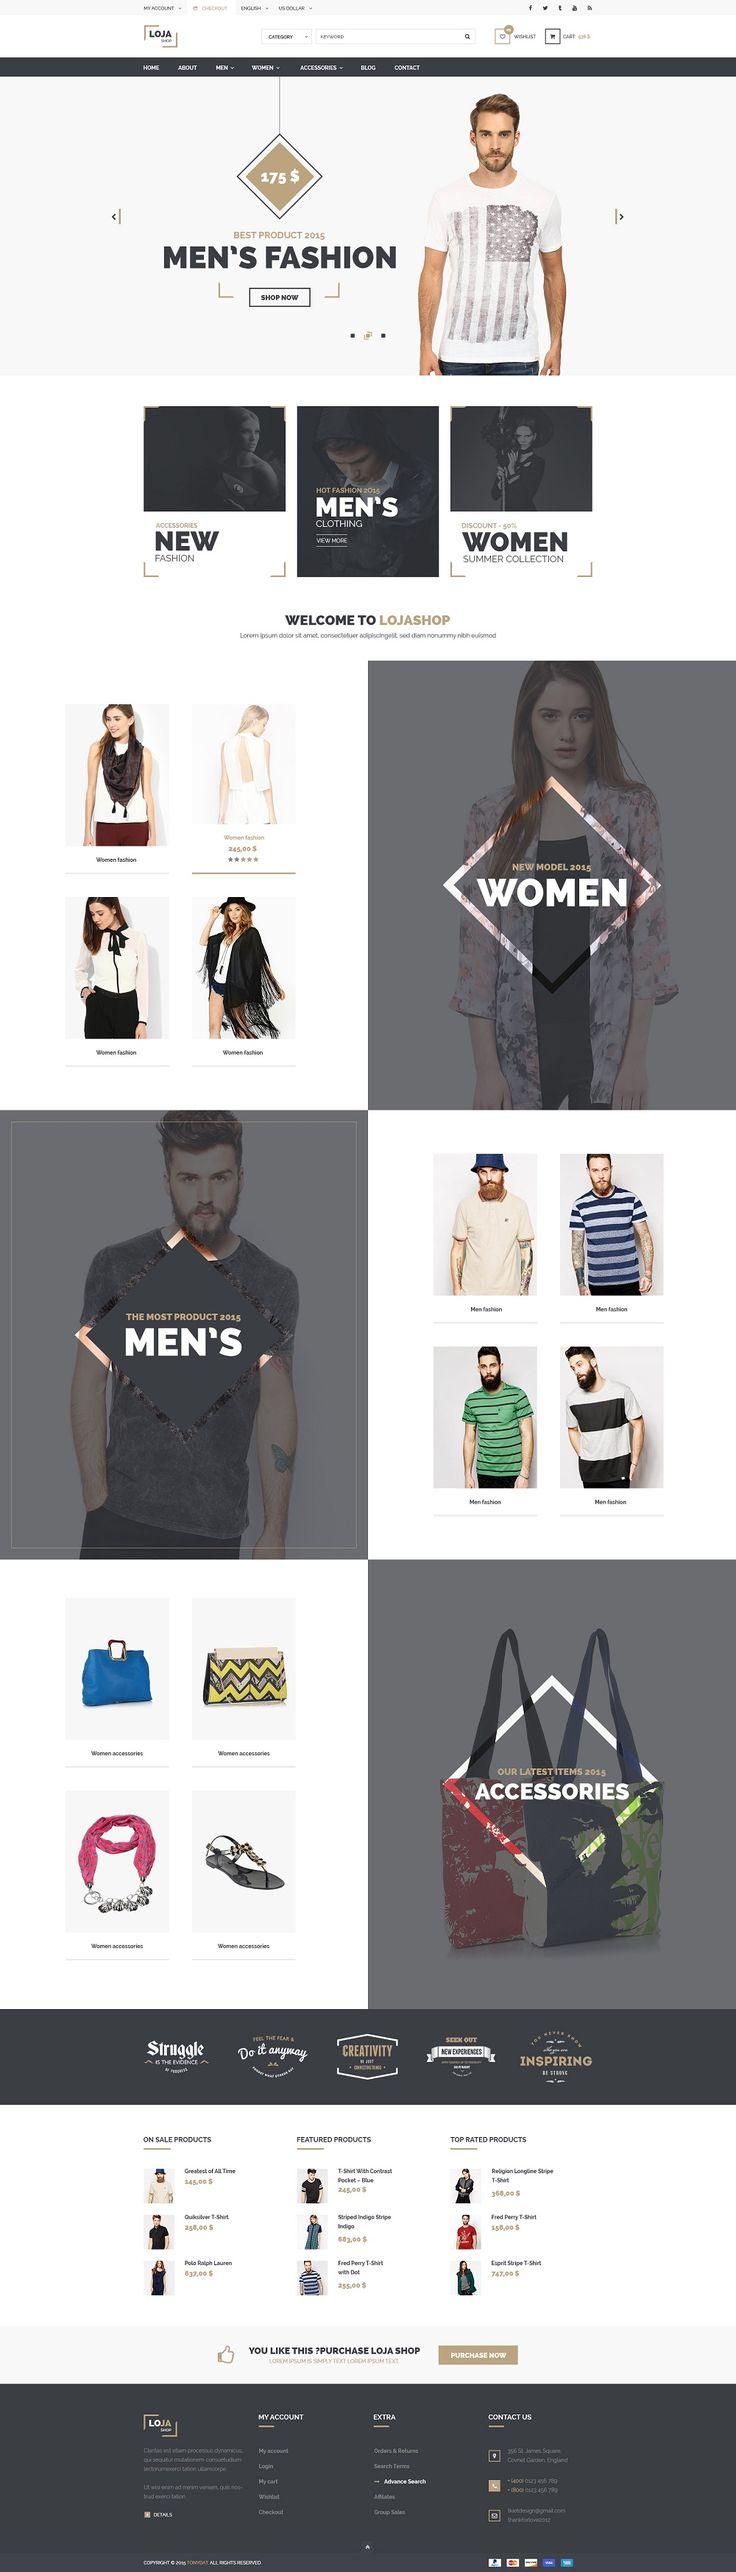 Een online webshop verbeterd de naamsbekendheid van de winkel en de vooruitgang van de winkelstraat.